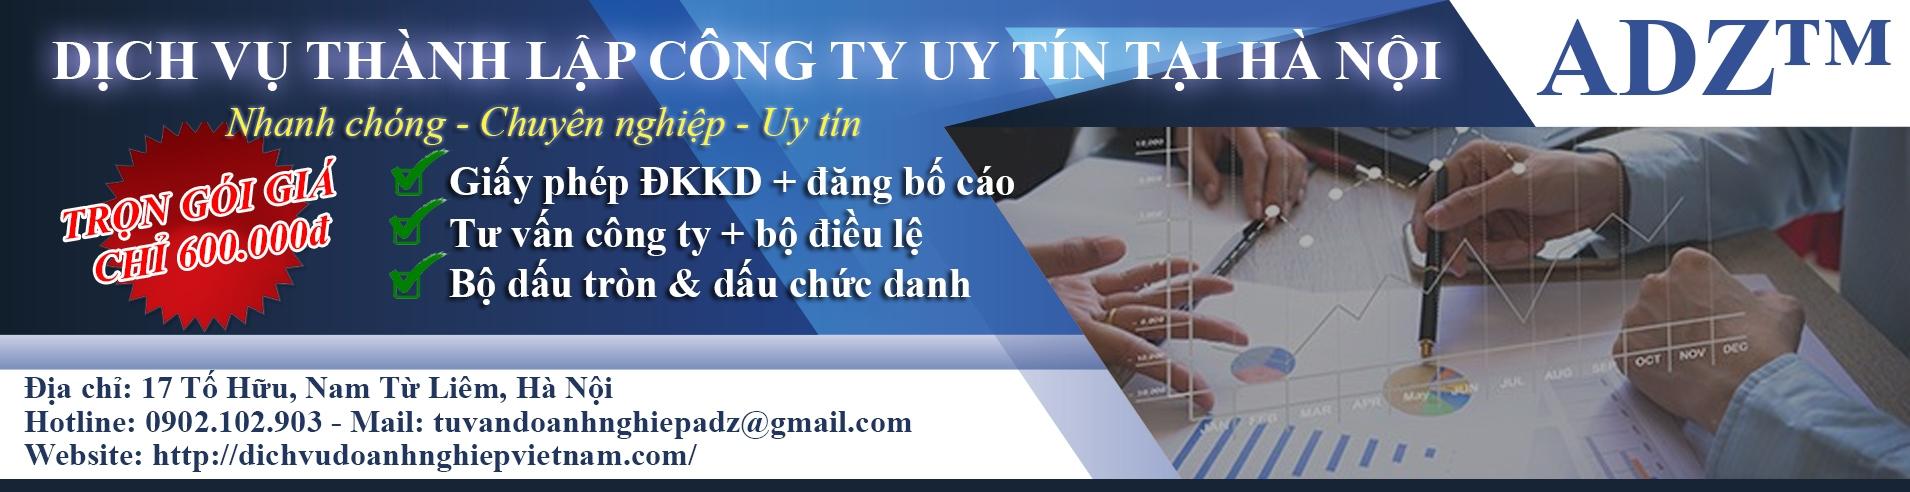 Dịch Vụ Tư Vấn Doanh Nghiệp ACZ (@dichvutuvandoanhnghiepadz) Cover Image